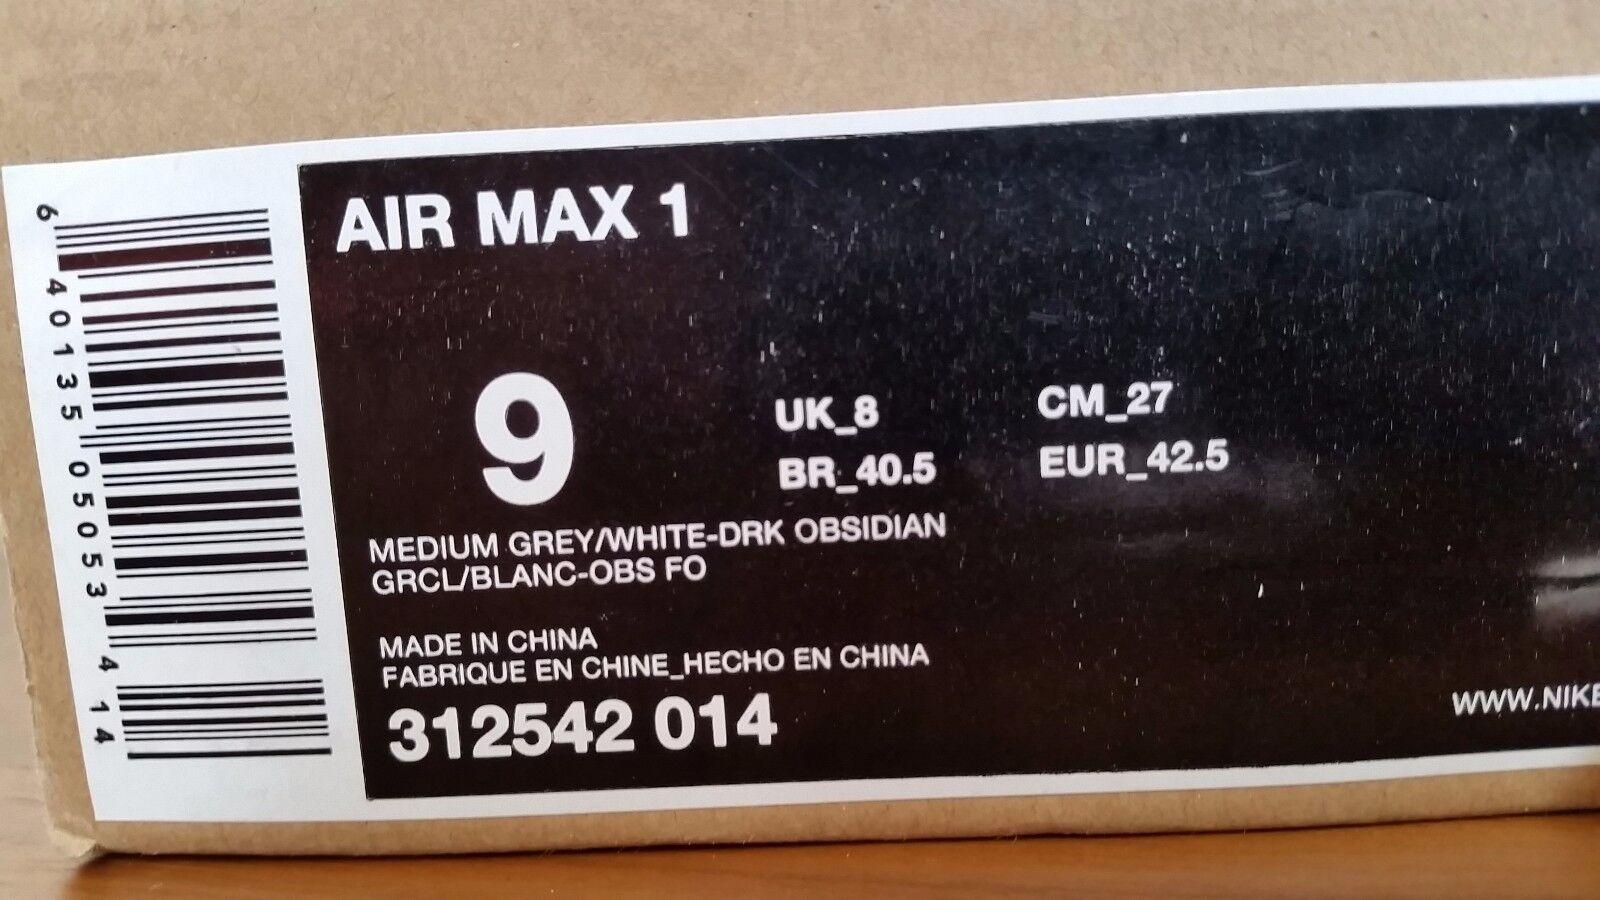 2008 1 nike air max 1 2008 312542-014 grau / obsidian. b8bfbb